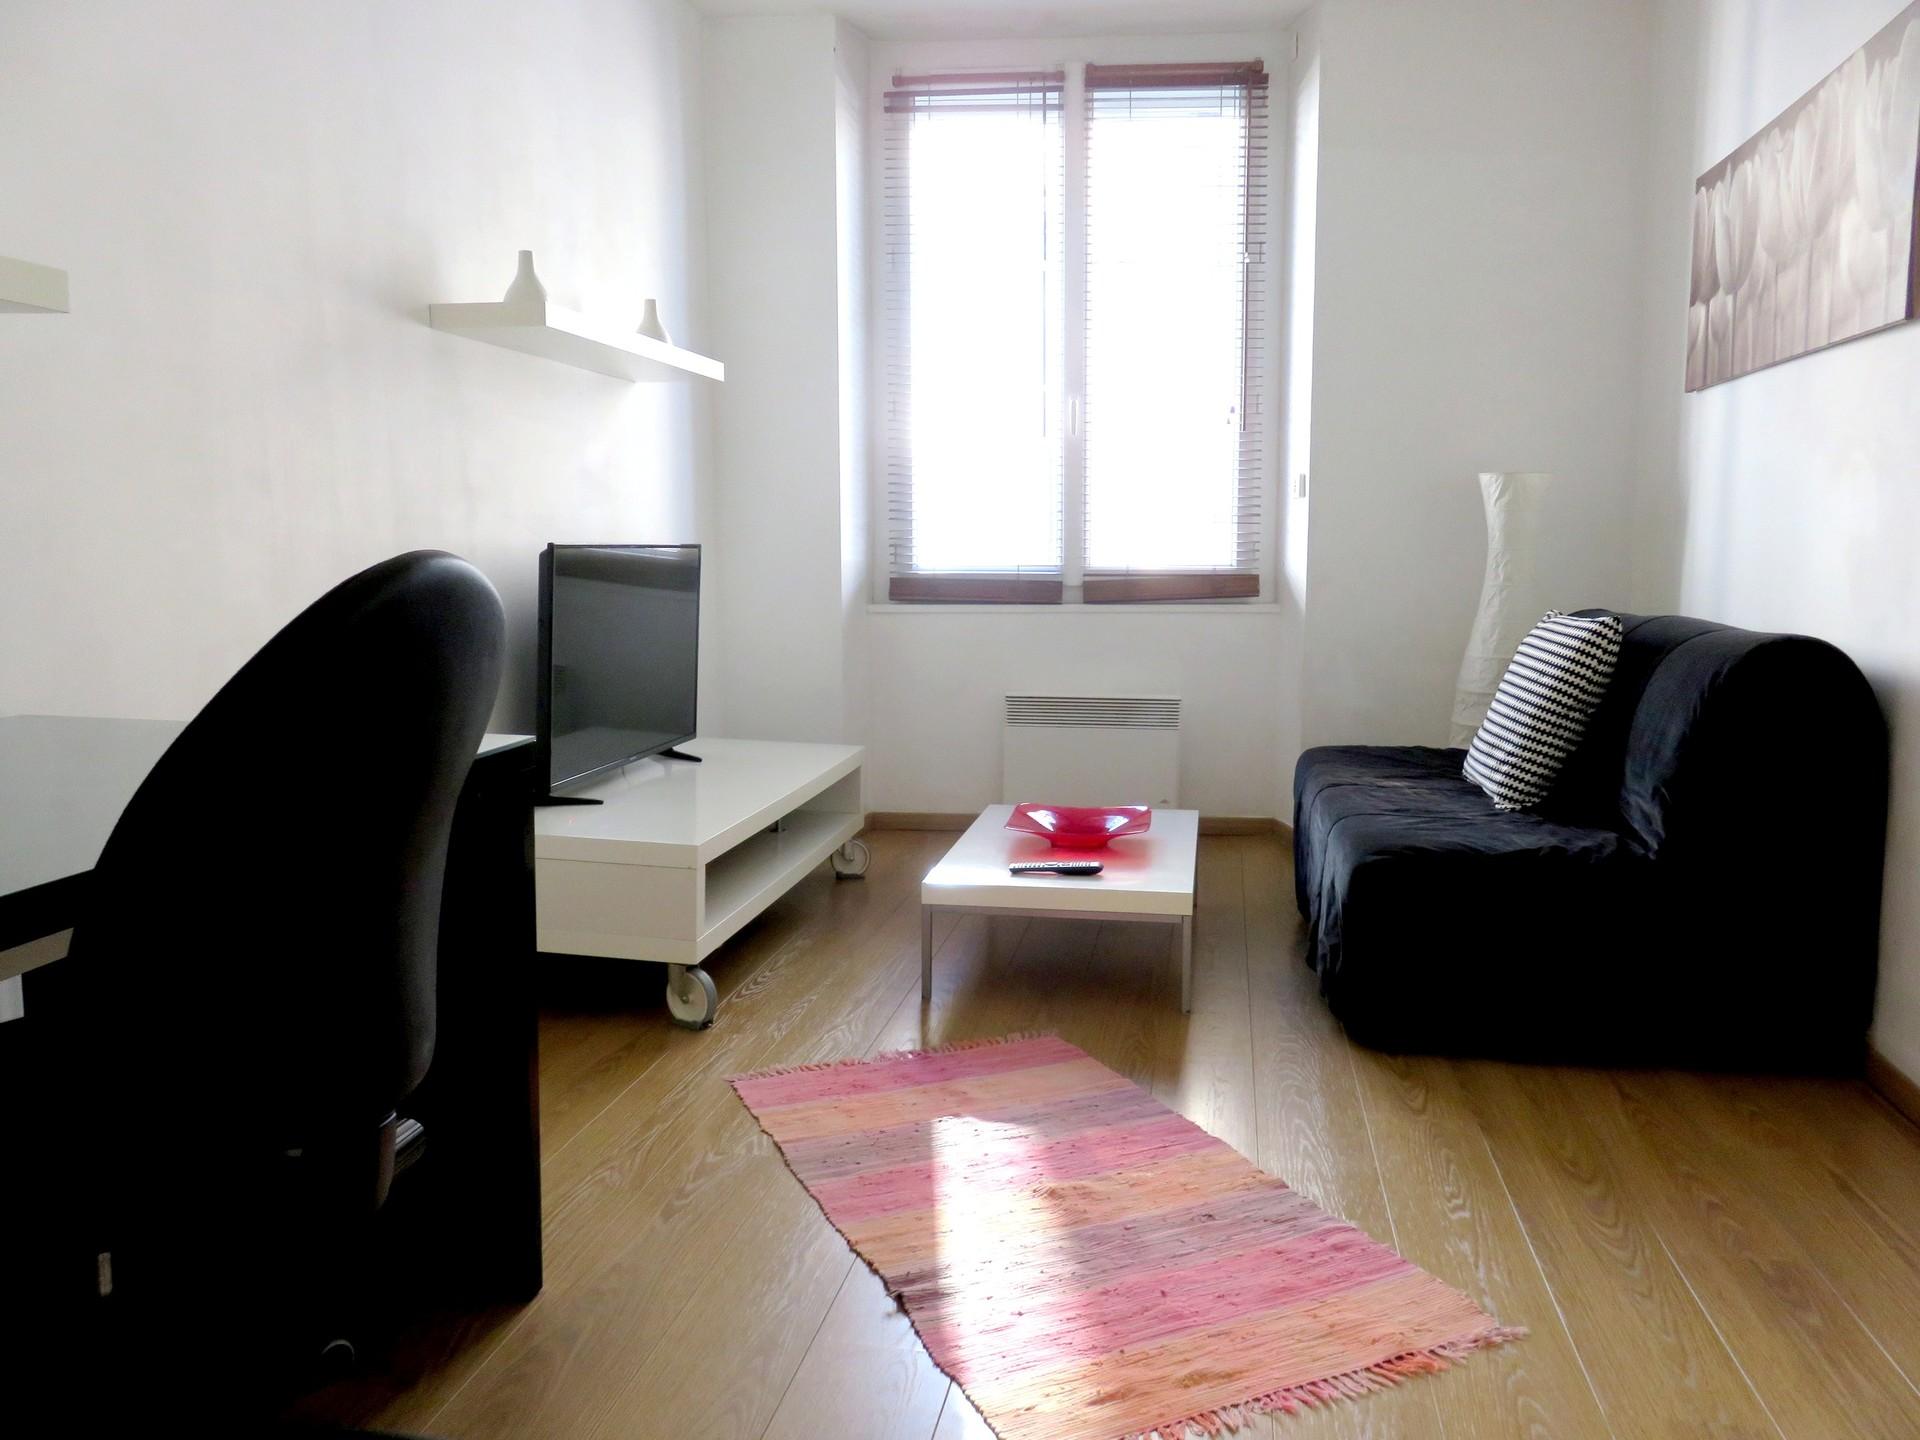 Ile Nantes Appartement T2 Meuble 32m Chu Tram Dispo 01 05 Location Appartements Nantes